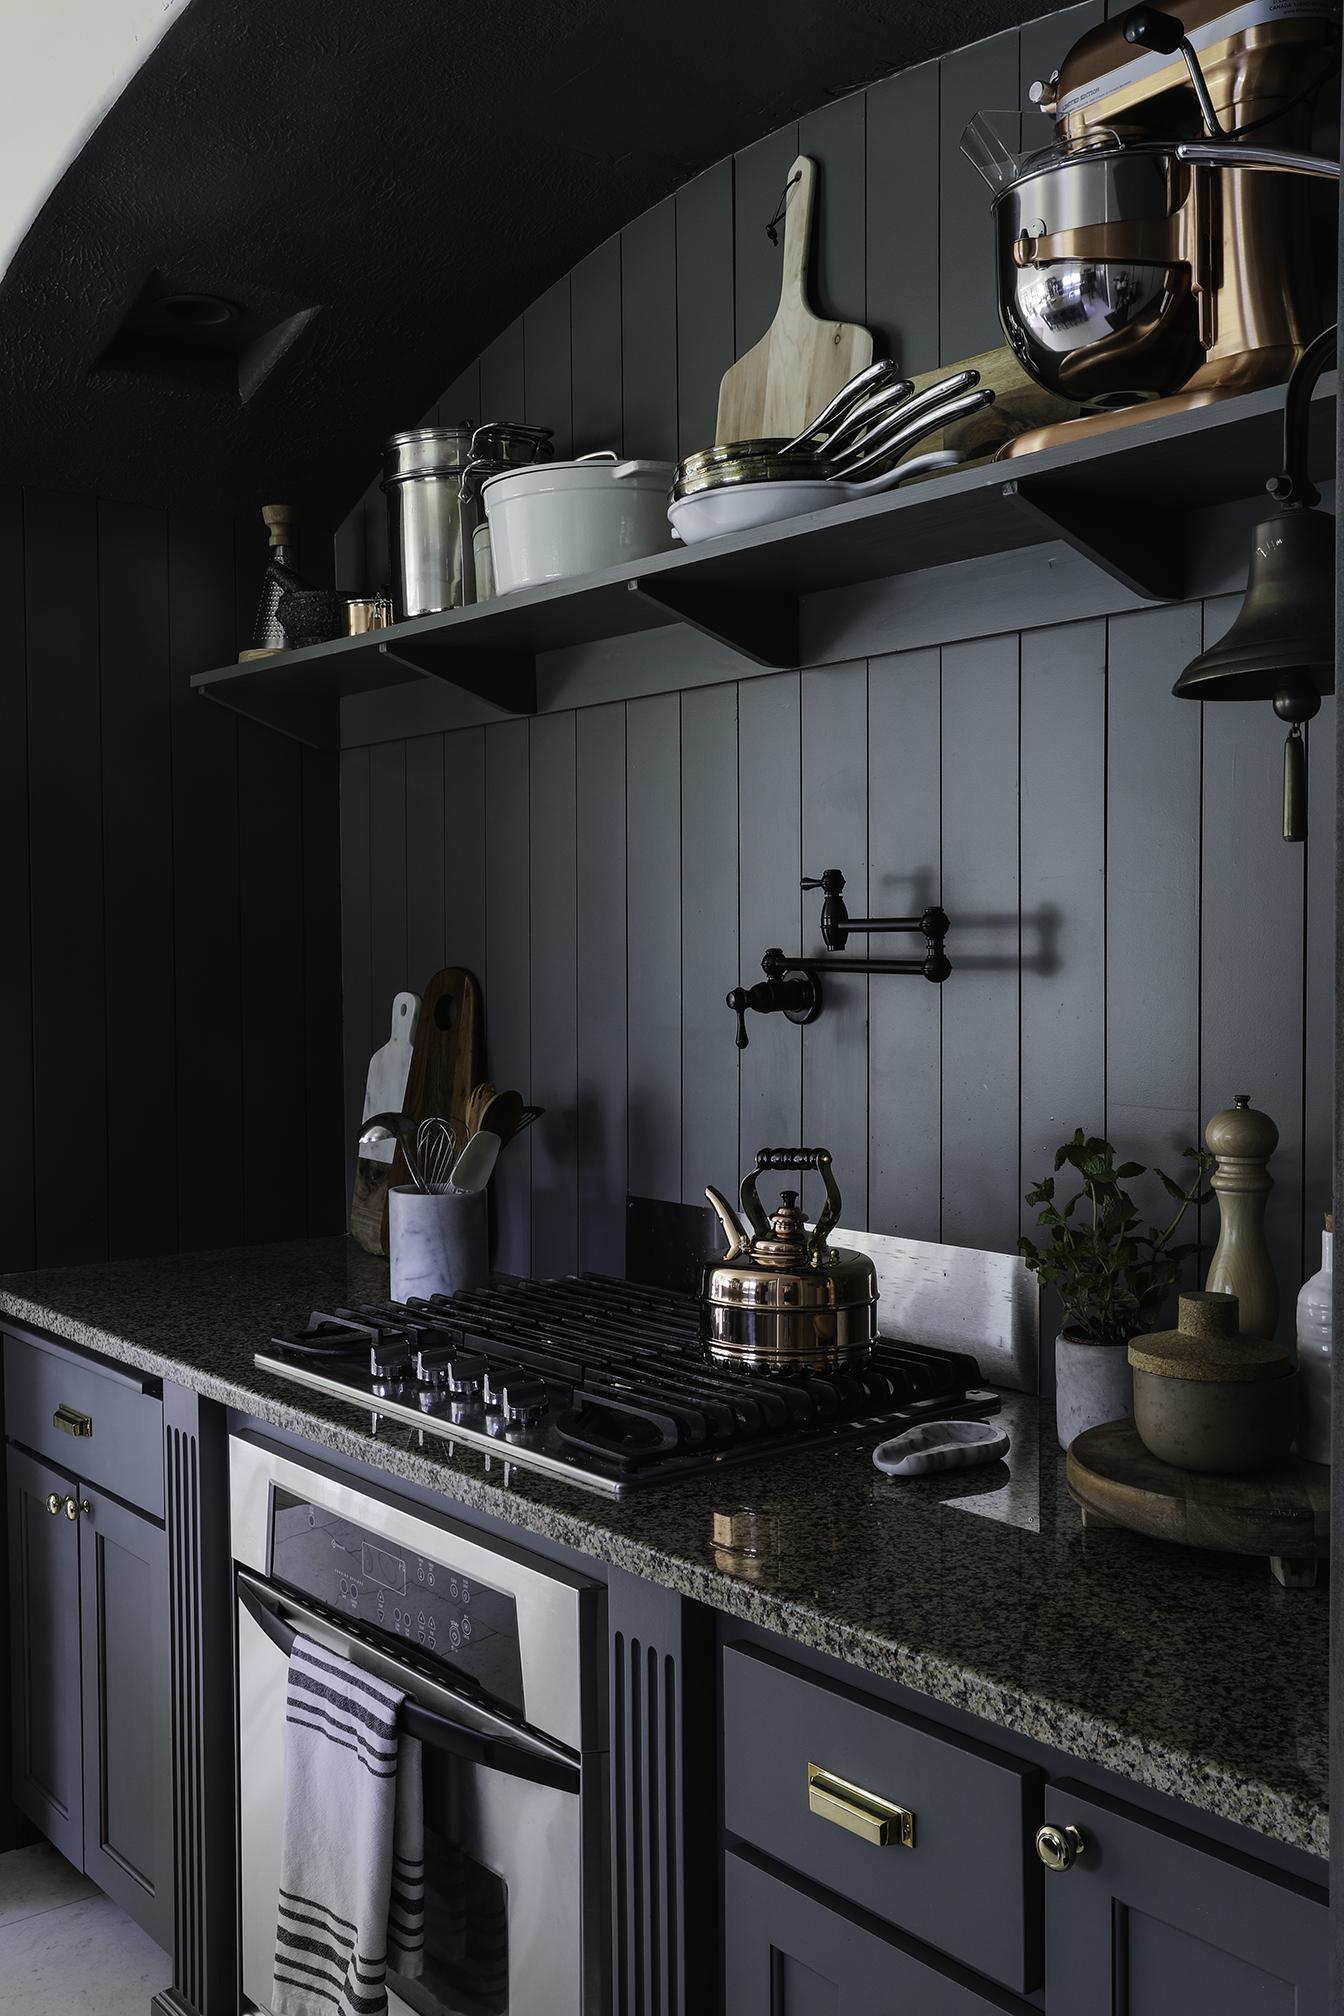 Budget Friendly modern cottage kitchen4.jpg